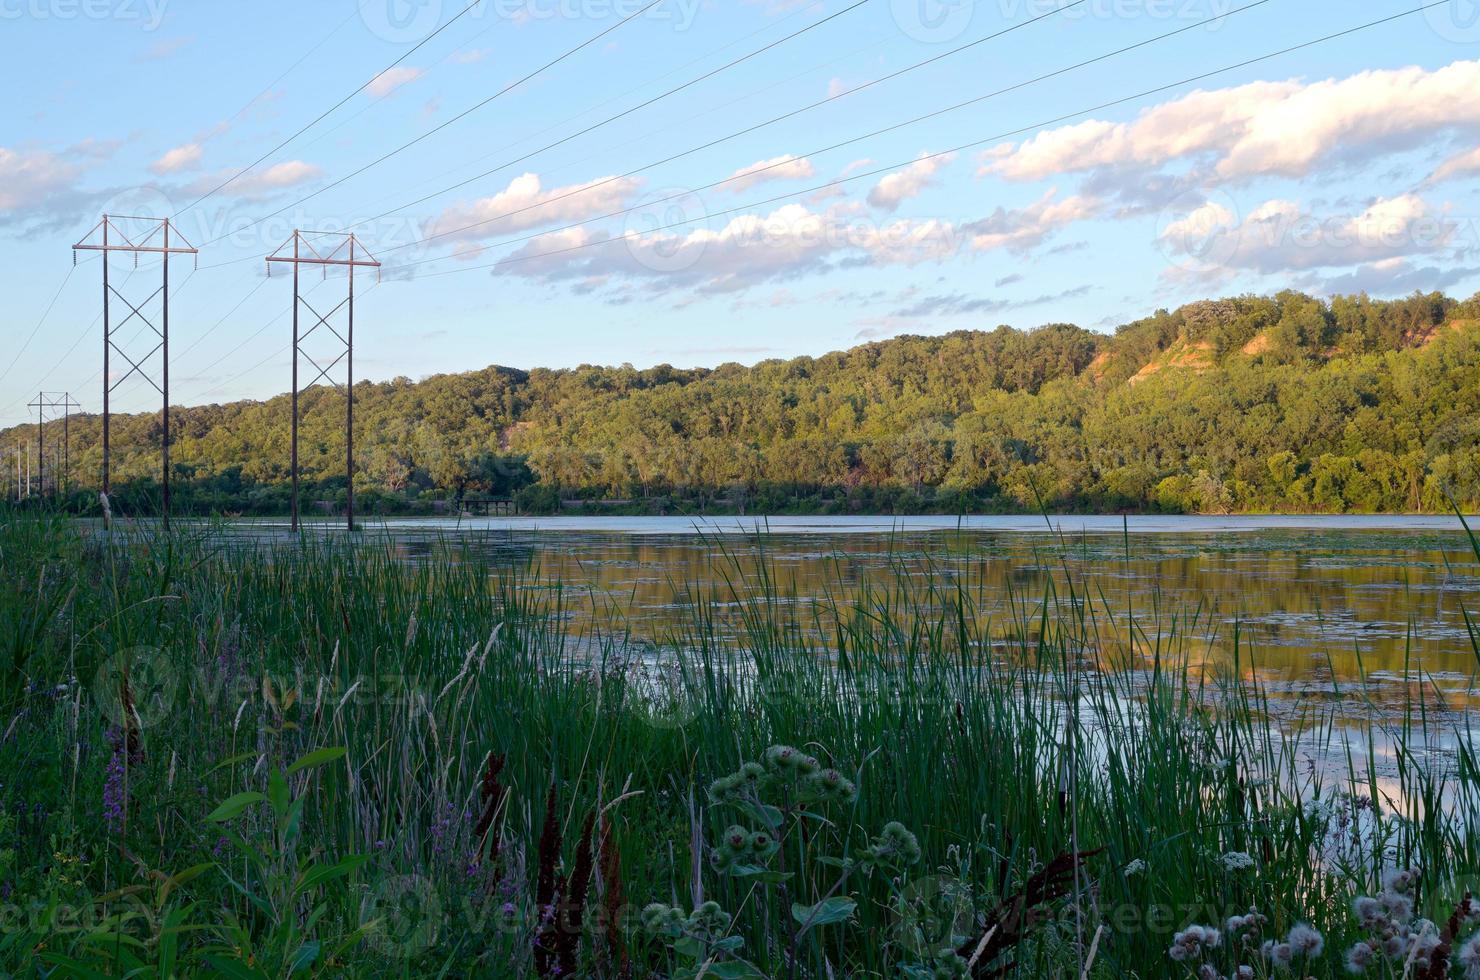 lilydale park och pickerel lake foto